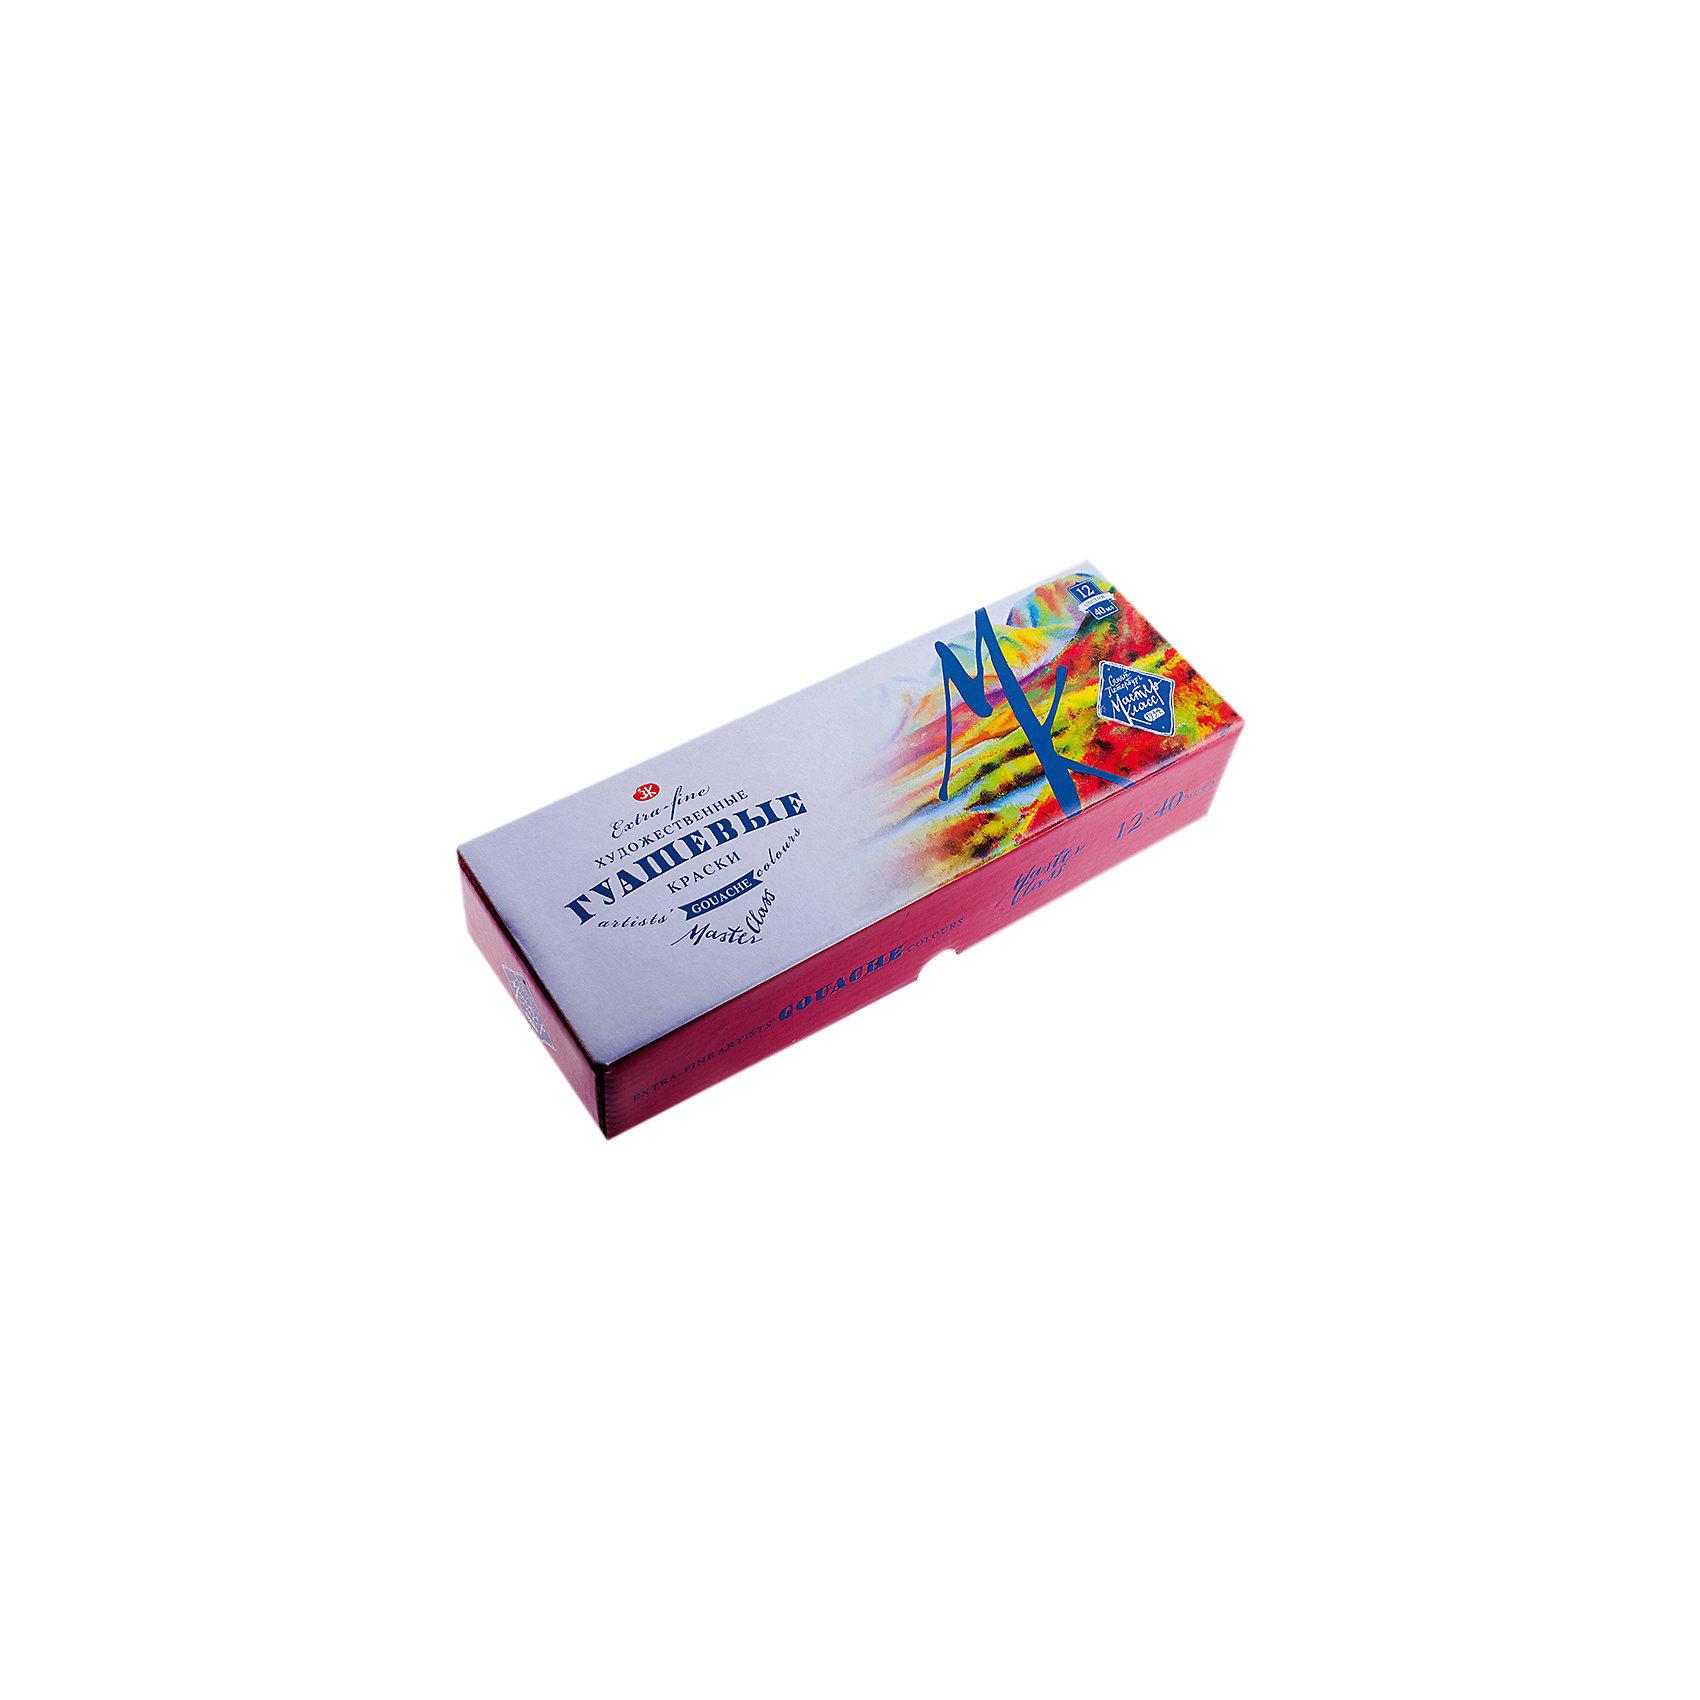 Гуашь 12 цветов 40мл Мастер-КлассРисование и лепка<br>Тип: гуашь<br>Количество цветов: 12 <br>Объем общий: 480<br>Объем емкости: 40<br>Емкость: баночка<br>Упаковка ед. товара: картонная коробка<br>Наличие европодвеса: нет<br>Набор гуашевых красок, 12 цветов.<br><br>Ширина мм: 260<br>Глубина мм: 110<br>Высота мм: 30<br>Вес г: 975<br>Возраст от месяцев: 84<br>Возраст до месяцев: 2147483647<br>Пол: Унисекс<br>Возраст: Детский<br>SKU: 7044226